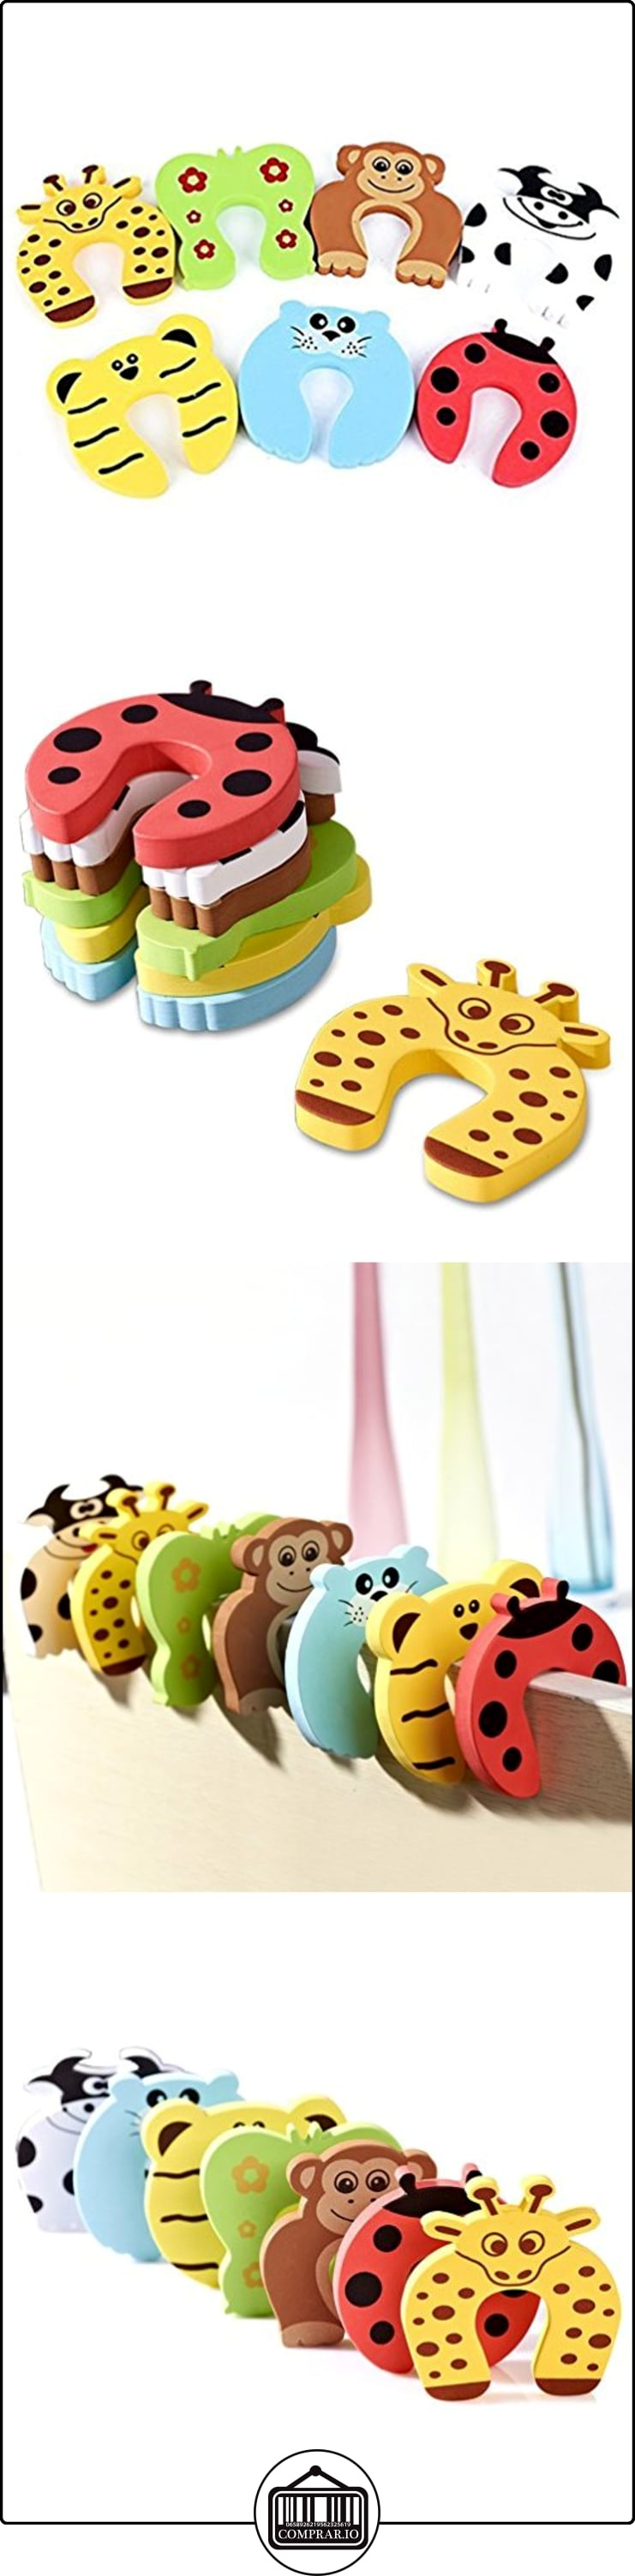 NuoYo Tope Clip Protector Puerta Dedos Seguridad Pa Bebé y los Niños(Pack de 7 Piezas)  ✿ Seguridad para tu bebé - (Protege a tus hijos) ✿ ▬► Ver oferta: http://comprar.io/goto/B01M28FXVJ